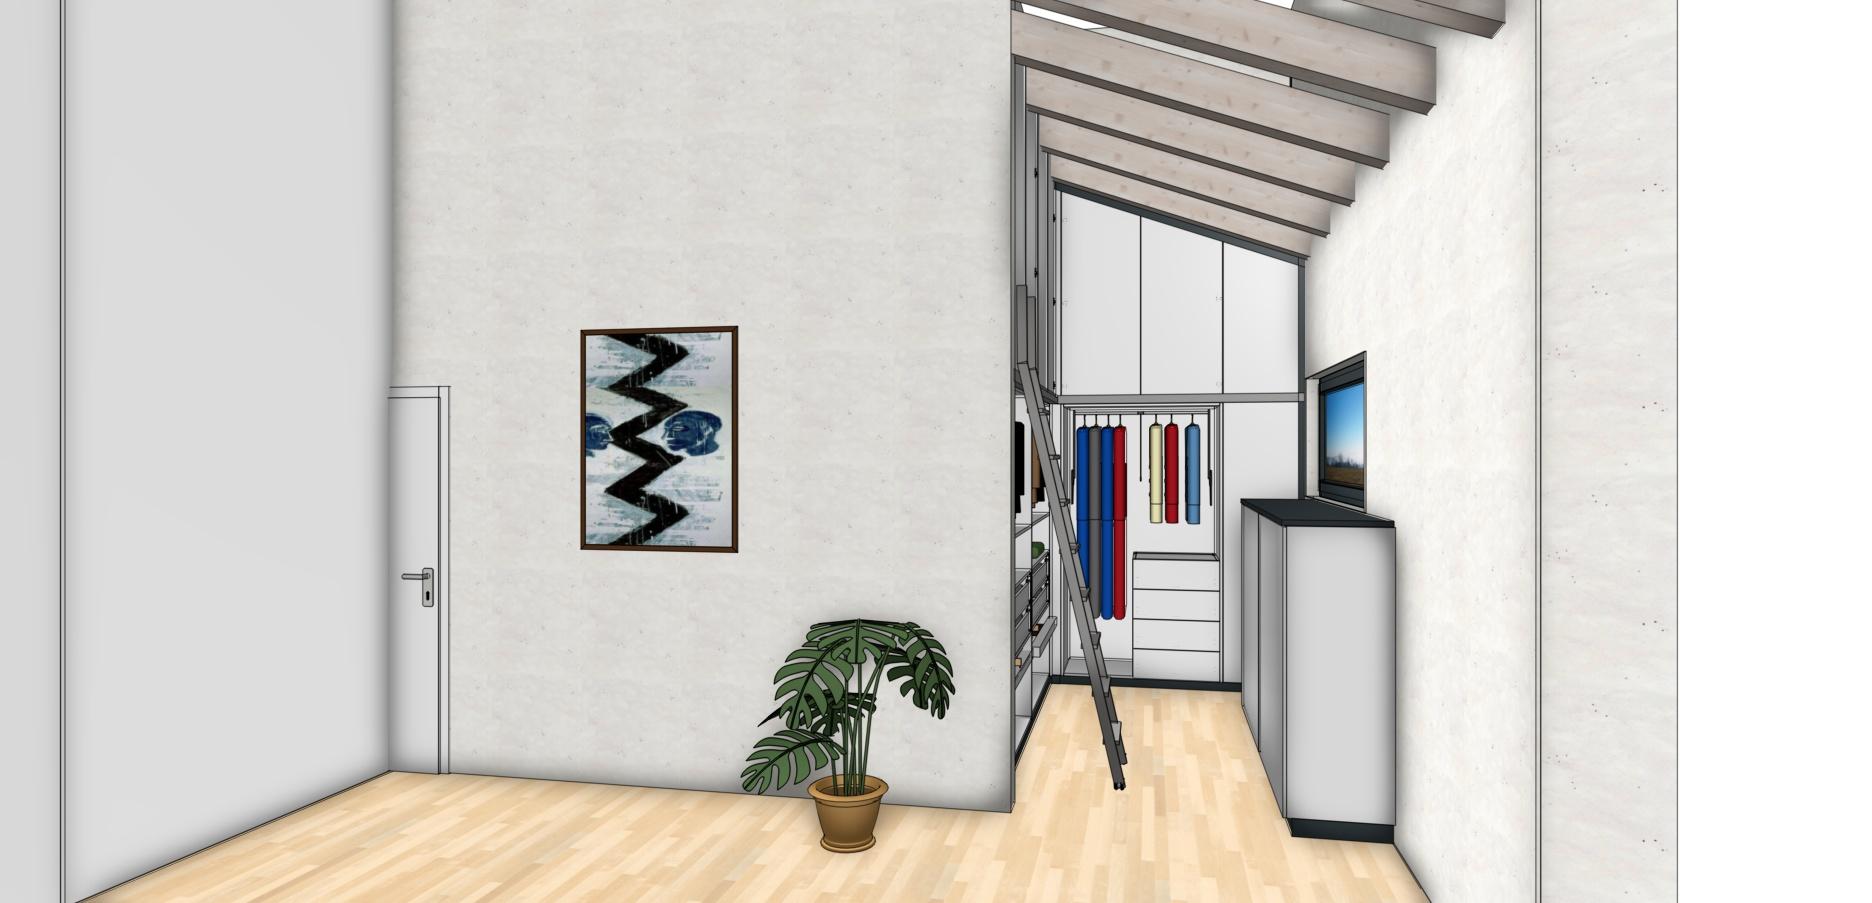 Planung - Einbauschrank - Innenaustattung nach Kundenwunsch